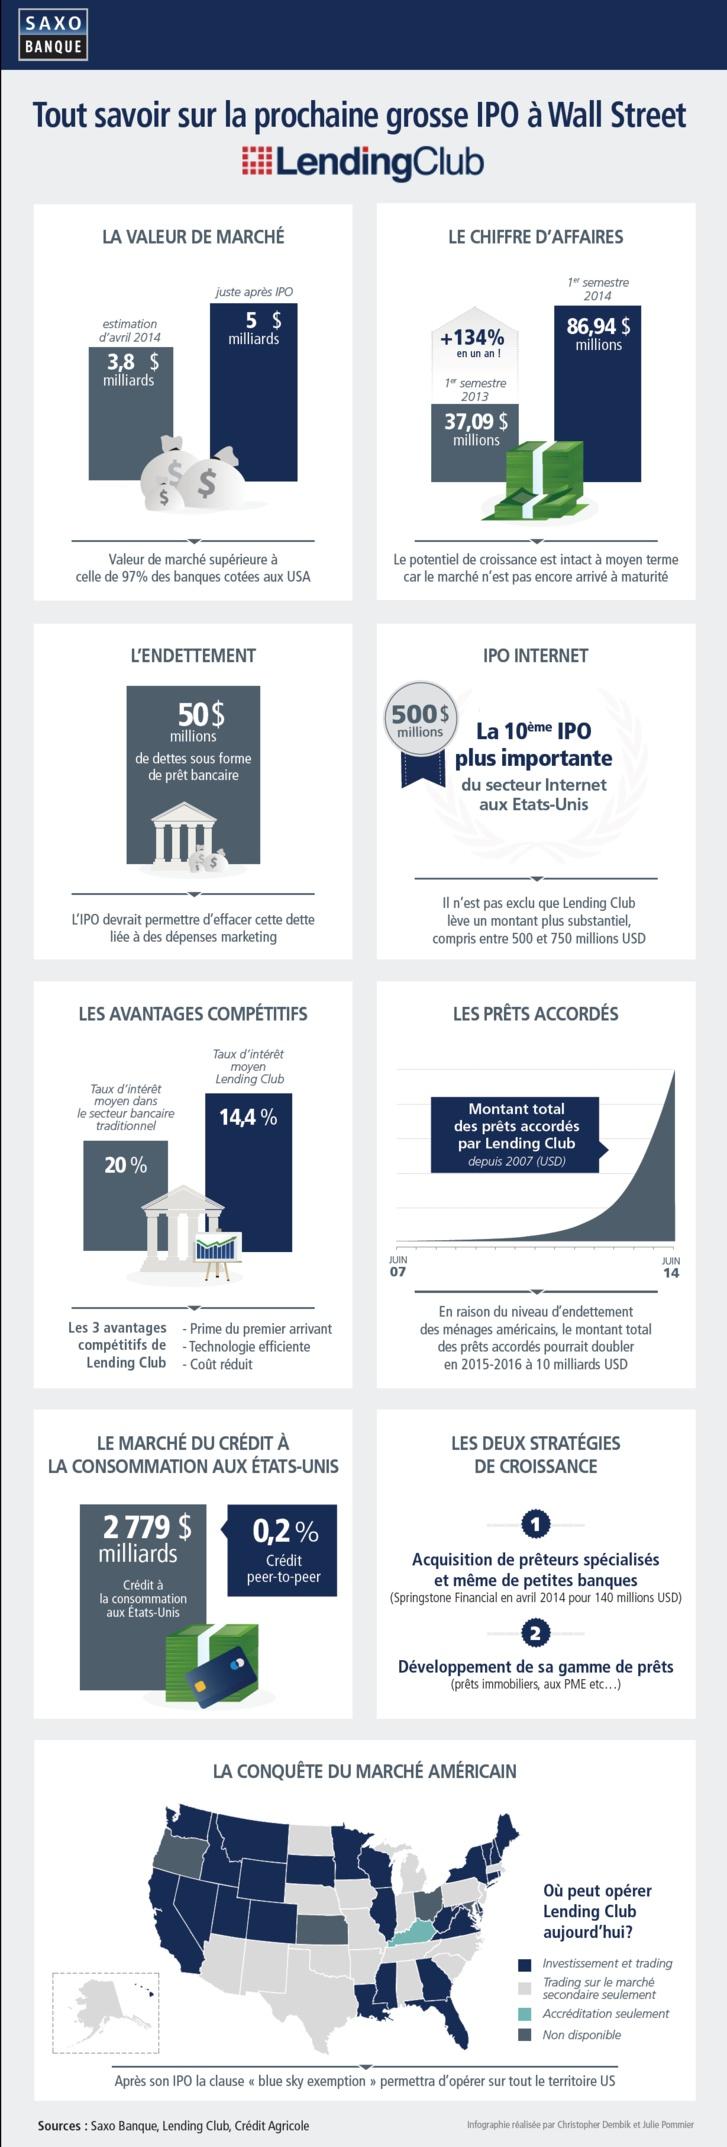 9 décembre 2014 (n°7 - 12H30) | Genève : 2,8% de croissance en 2015